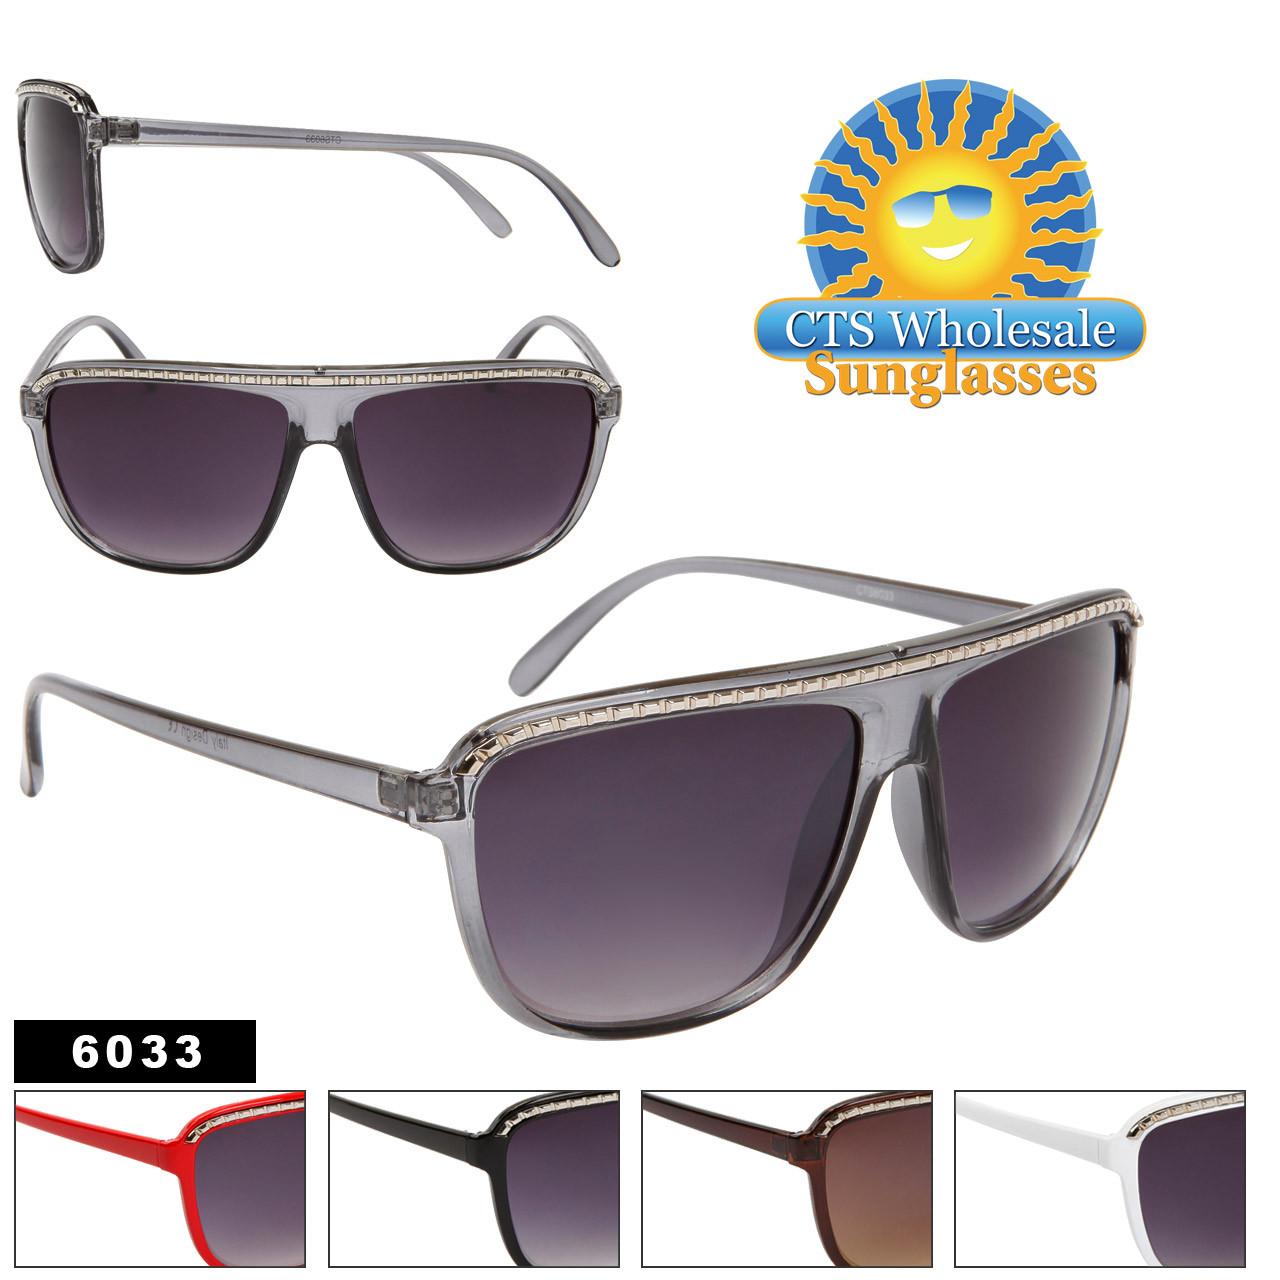 Unisex Sunglasses 6033